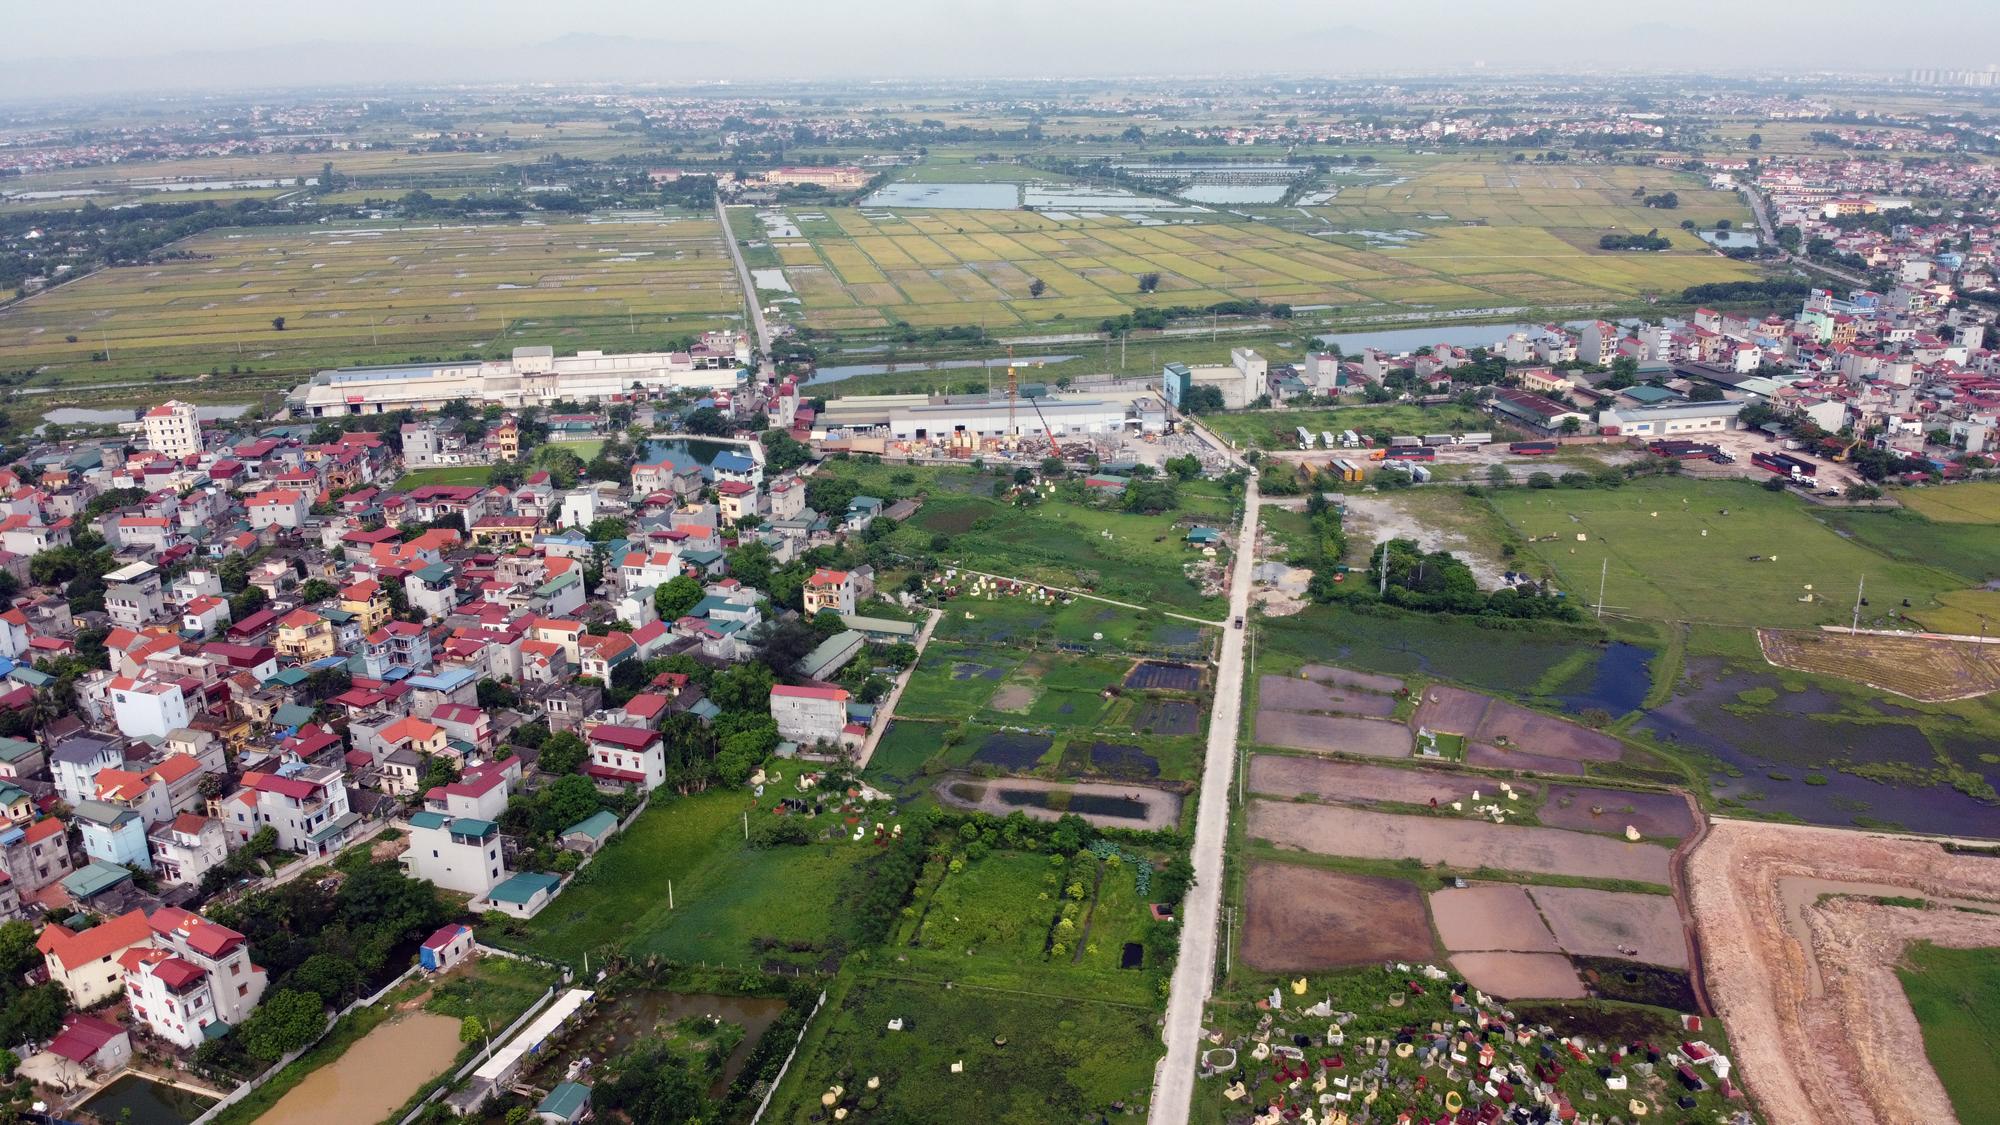 Cầu sẽ mở theo qui hoạch ở Hà Nội: Toàn cảnh vị trí làm cầu Mễ Sở nối Văn Giang - Thường Tín - Ảnh 14.